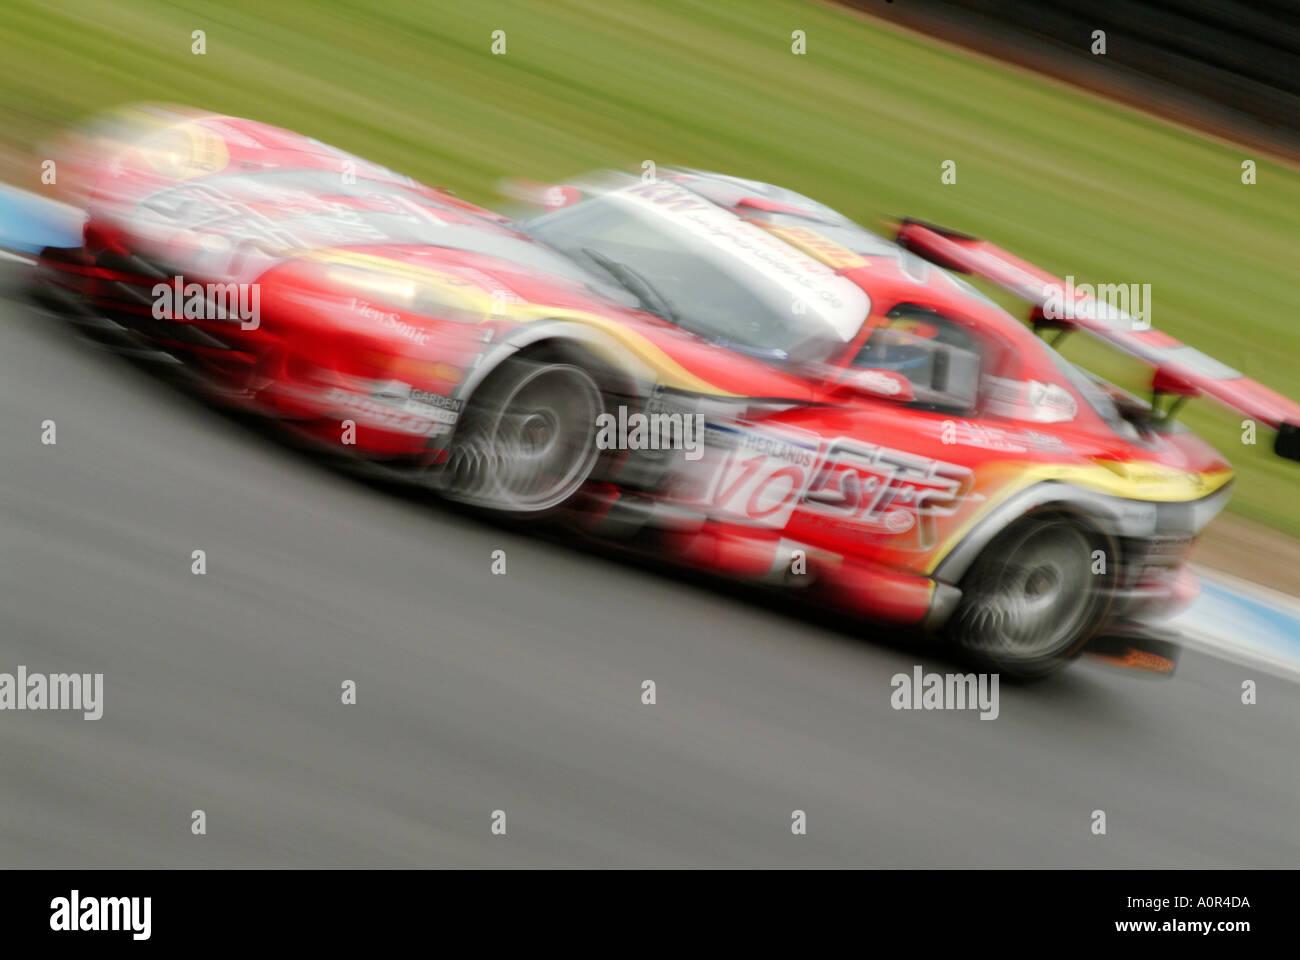 Dodge Viper racing course de voiture auto motor sport gagner risque de perdre la puissance de régime rapide de mouvement motion blur moteur puissance risque de concurrence Photo Stock